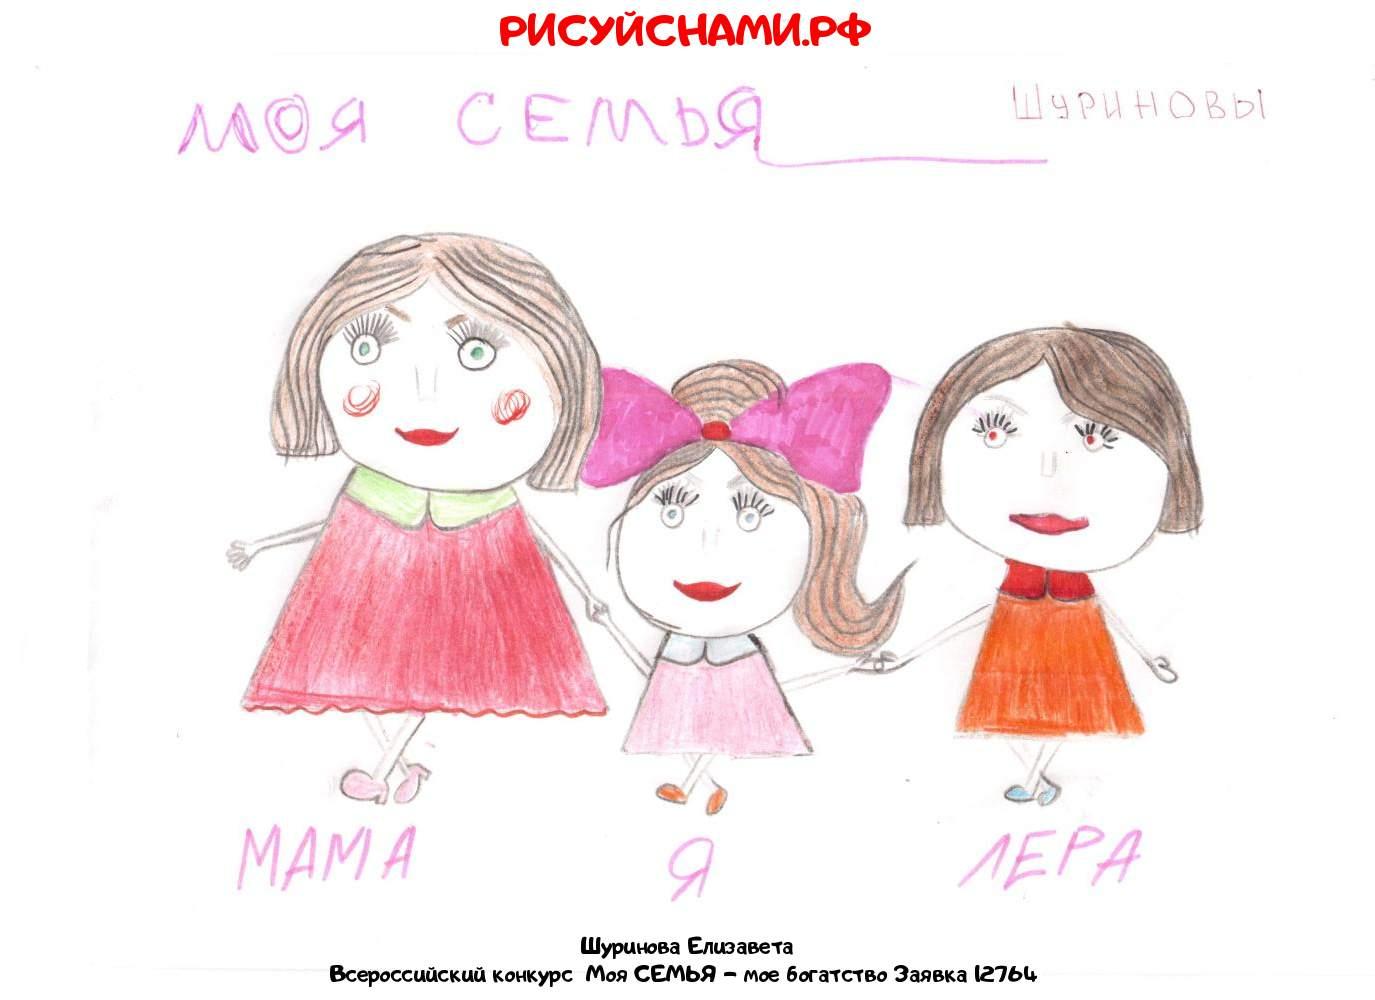 Всероссийский конкурс  Моя СЕМЬЯ - мое богатство Заявка 12764  всероссийский творческий конкурс рисунка для детей школьников и дошкольников (рисунок и поделка) - Шуринова Елизавета